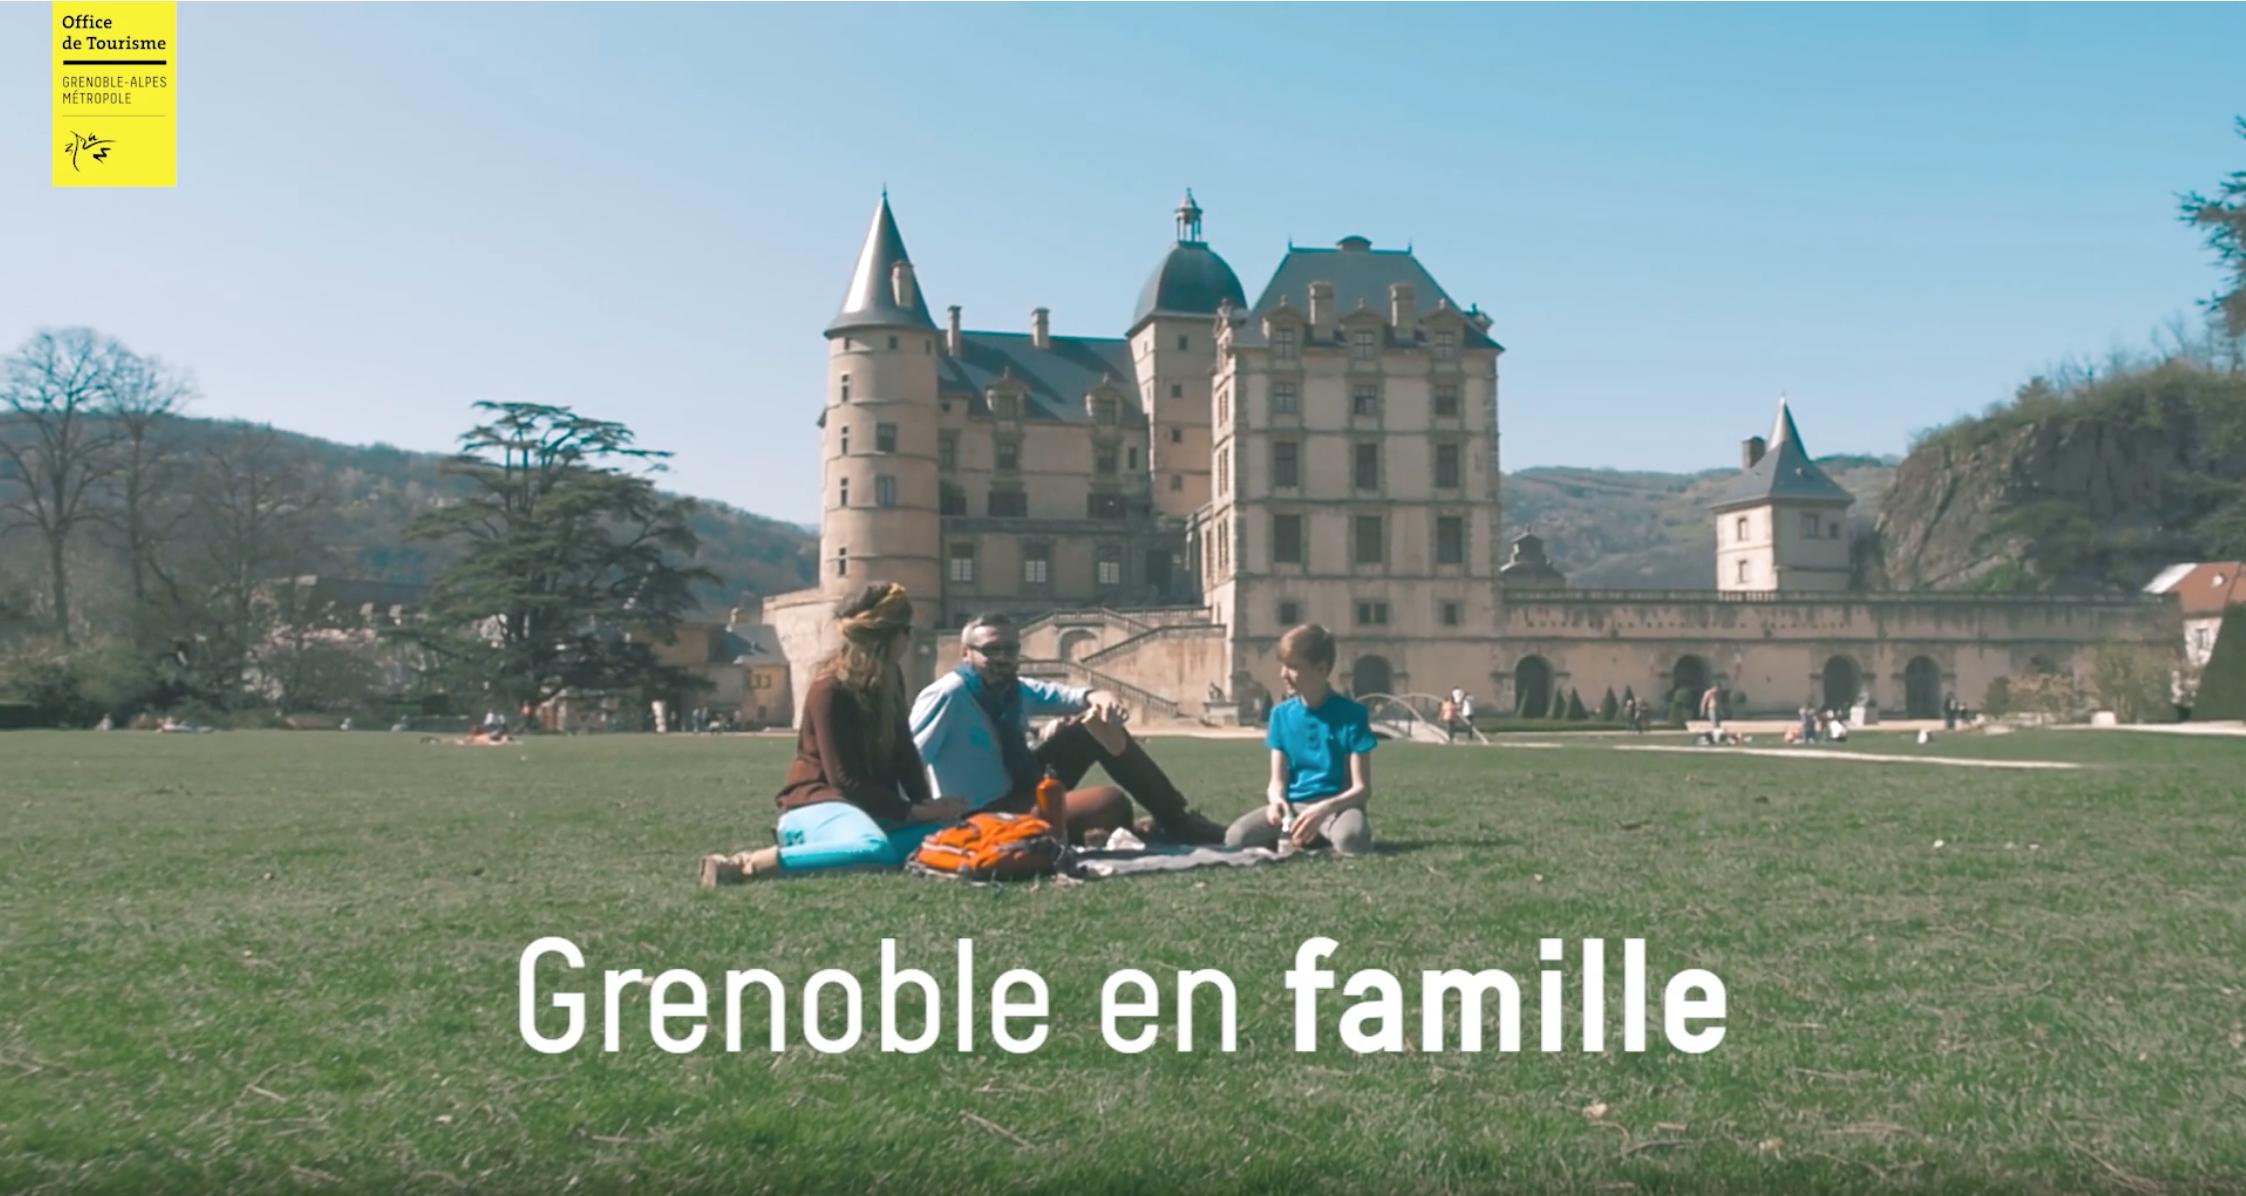 Grenoble en famille, film de Communication